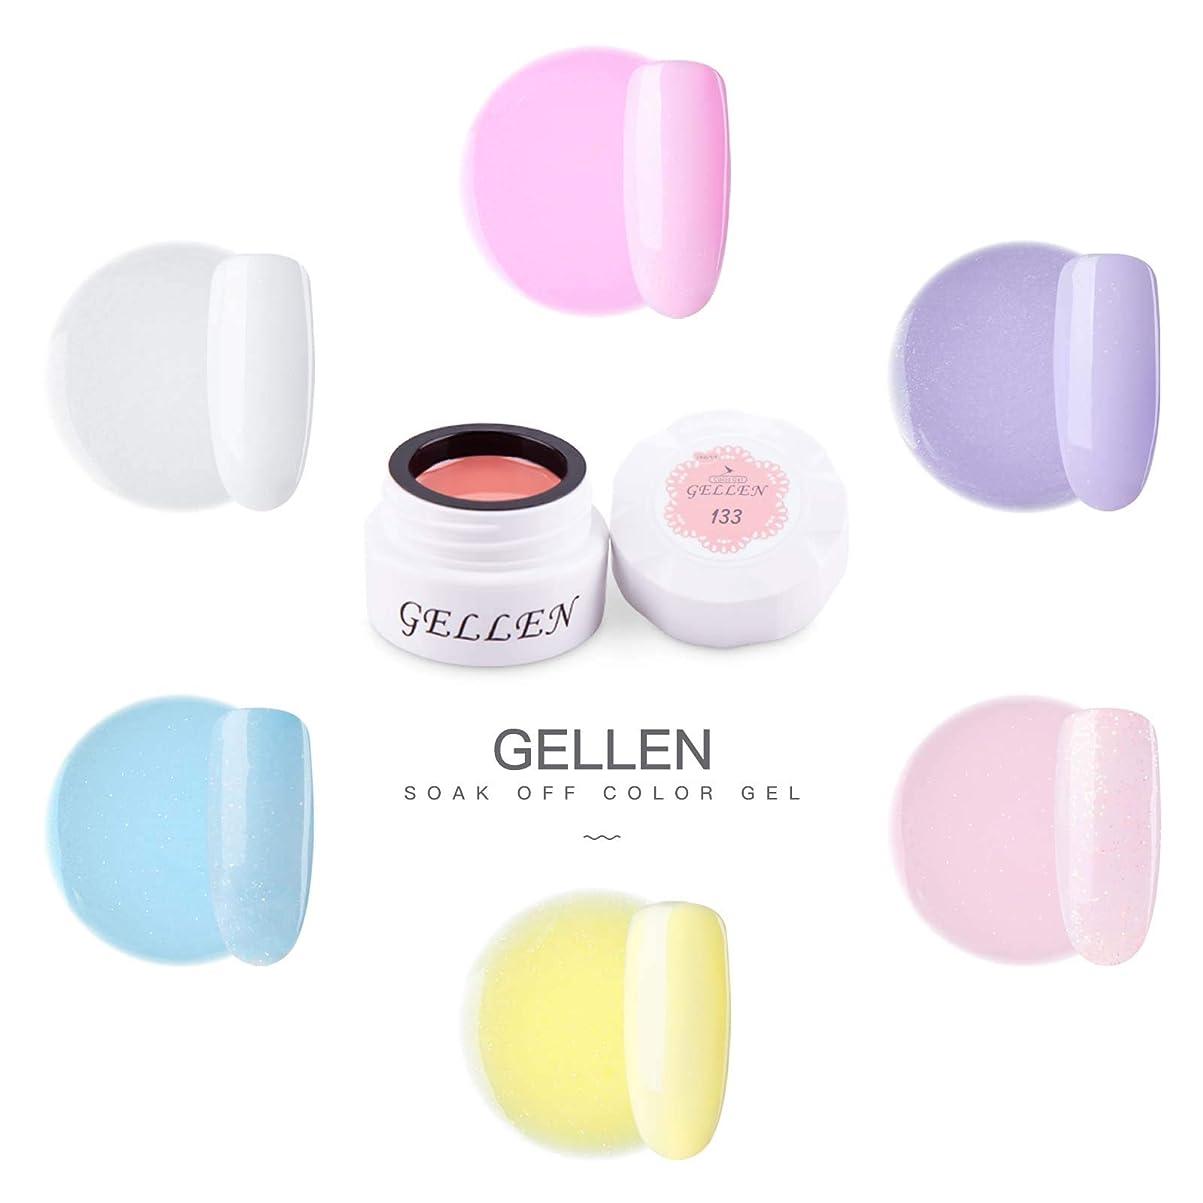 韻比較的宿命Gellen カラージェル 6色 セット[パステル カラー系]高品質 5g ジェルネイル カラー ネイルブラシ付き